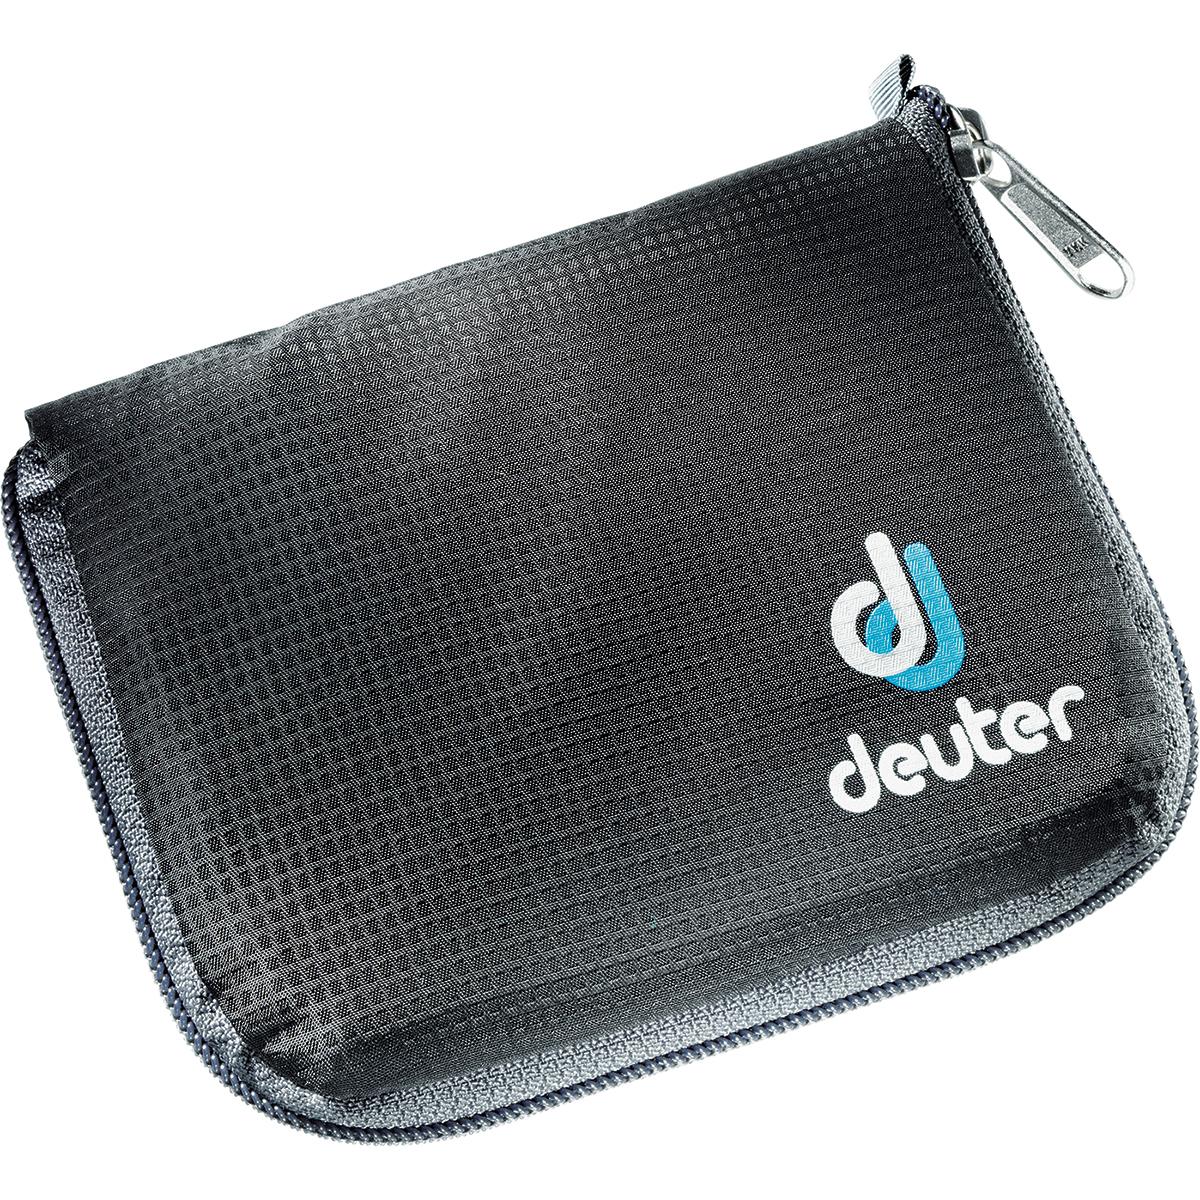 Кошельки Кошелек Deuter Zip Wallet RFID BLOCK (2020) 5019025-003_pic1.jpg